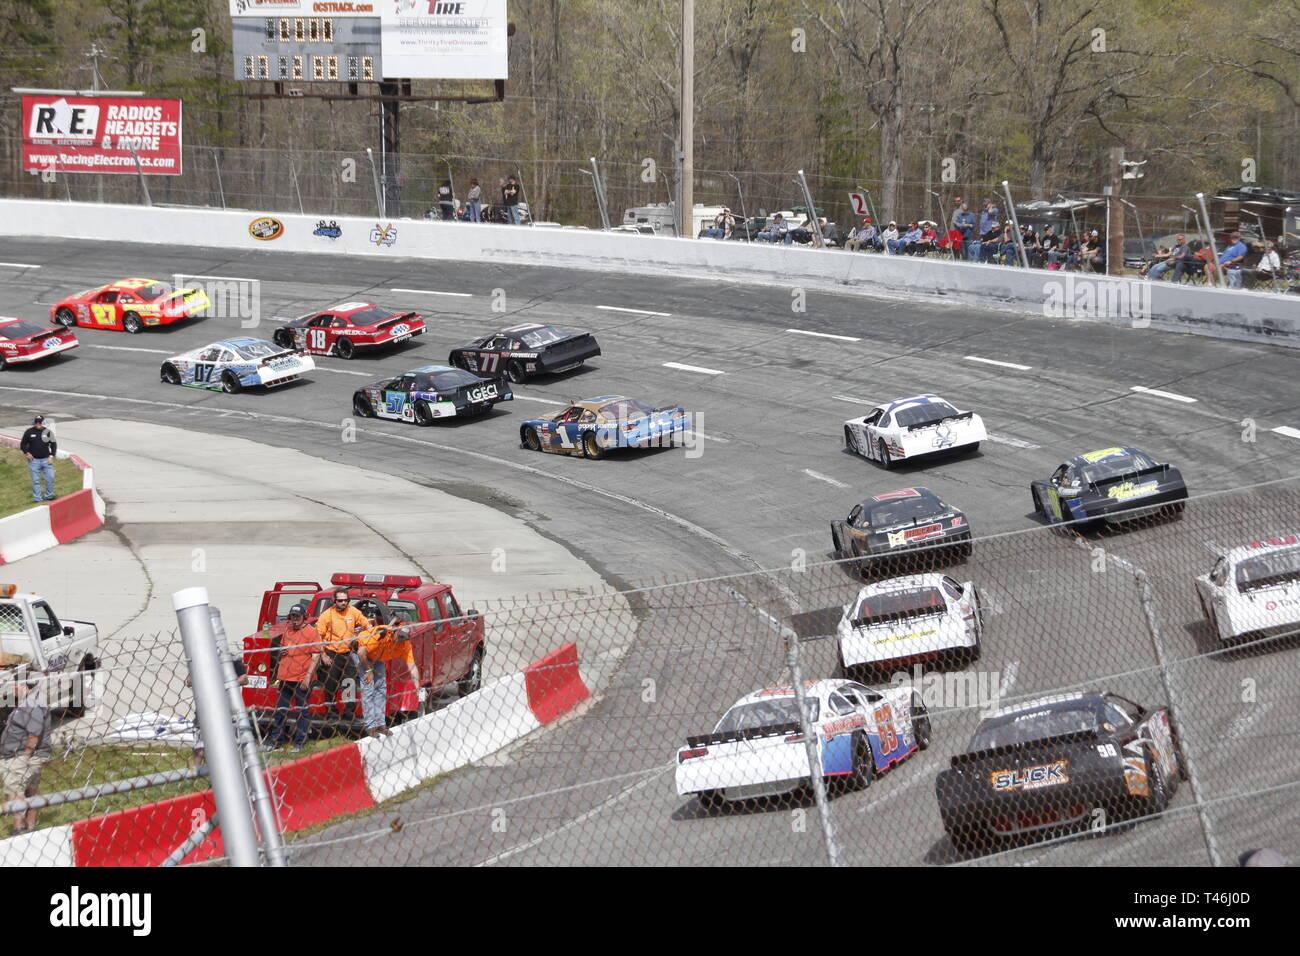 Coches de carreras en pista en Orange County Speedway Carolina del Norte Imagen De Stock